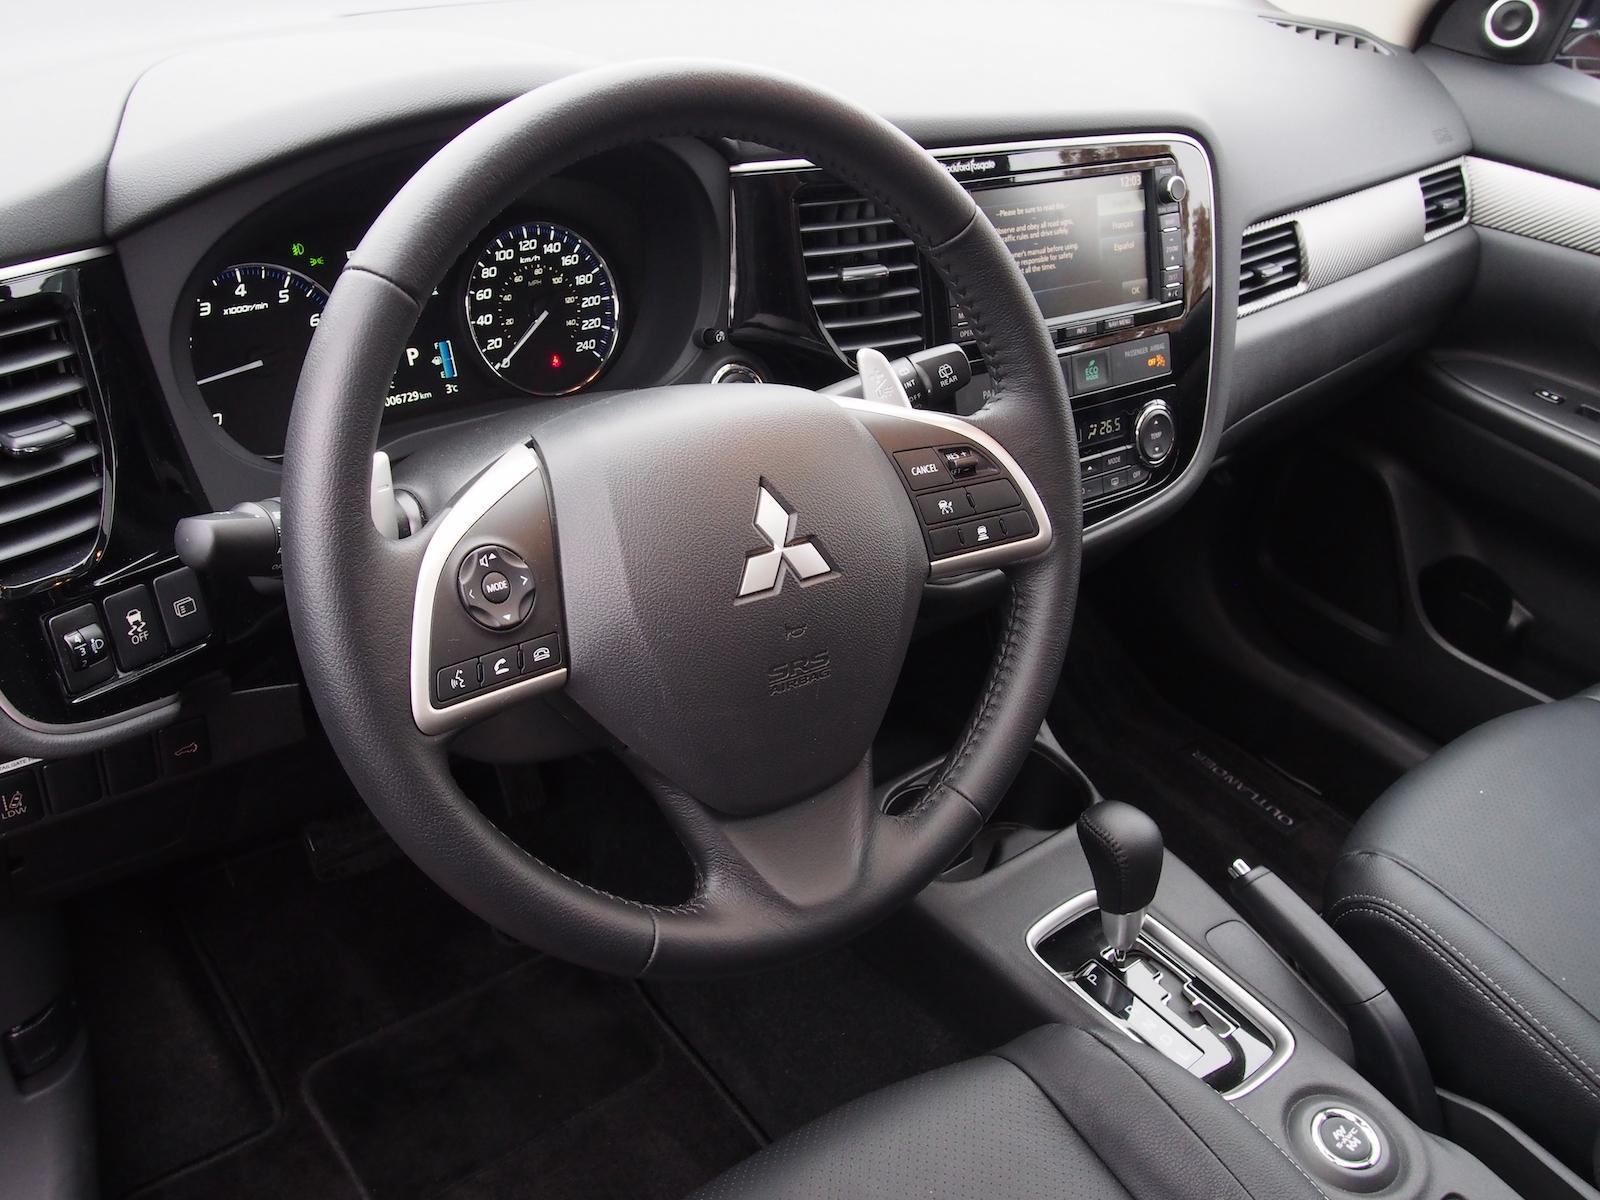 100 2015 mitsubishi outlander interior new for 2015 mitsubishi j d power cars 2016 for Mitsubishi outlander interior dimensions